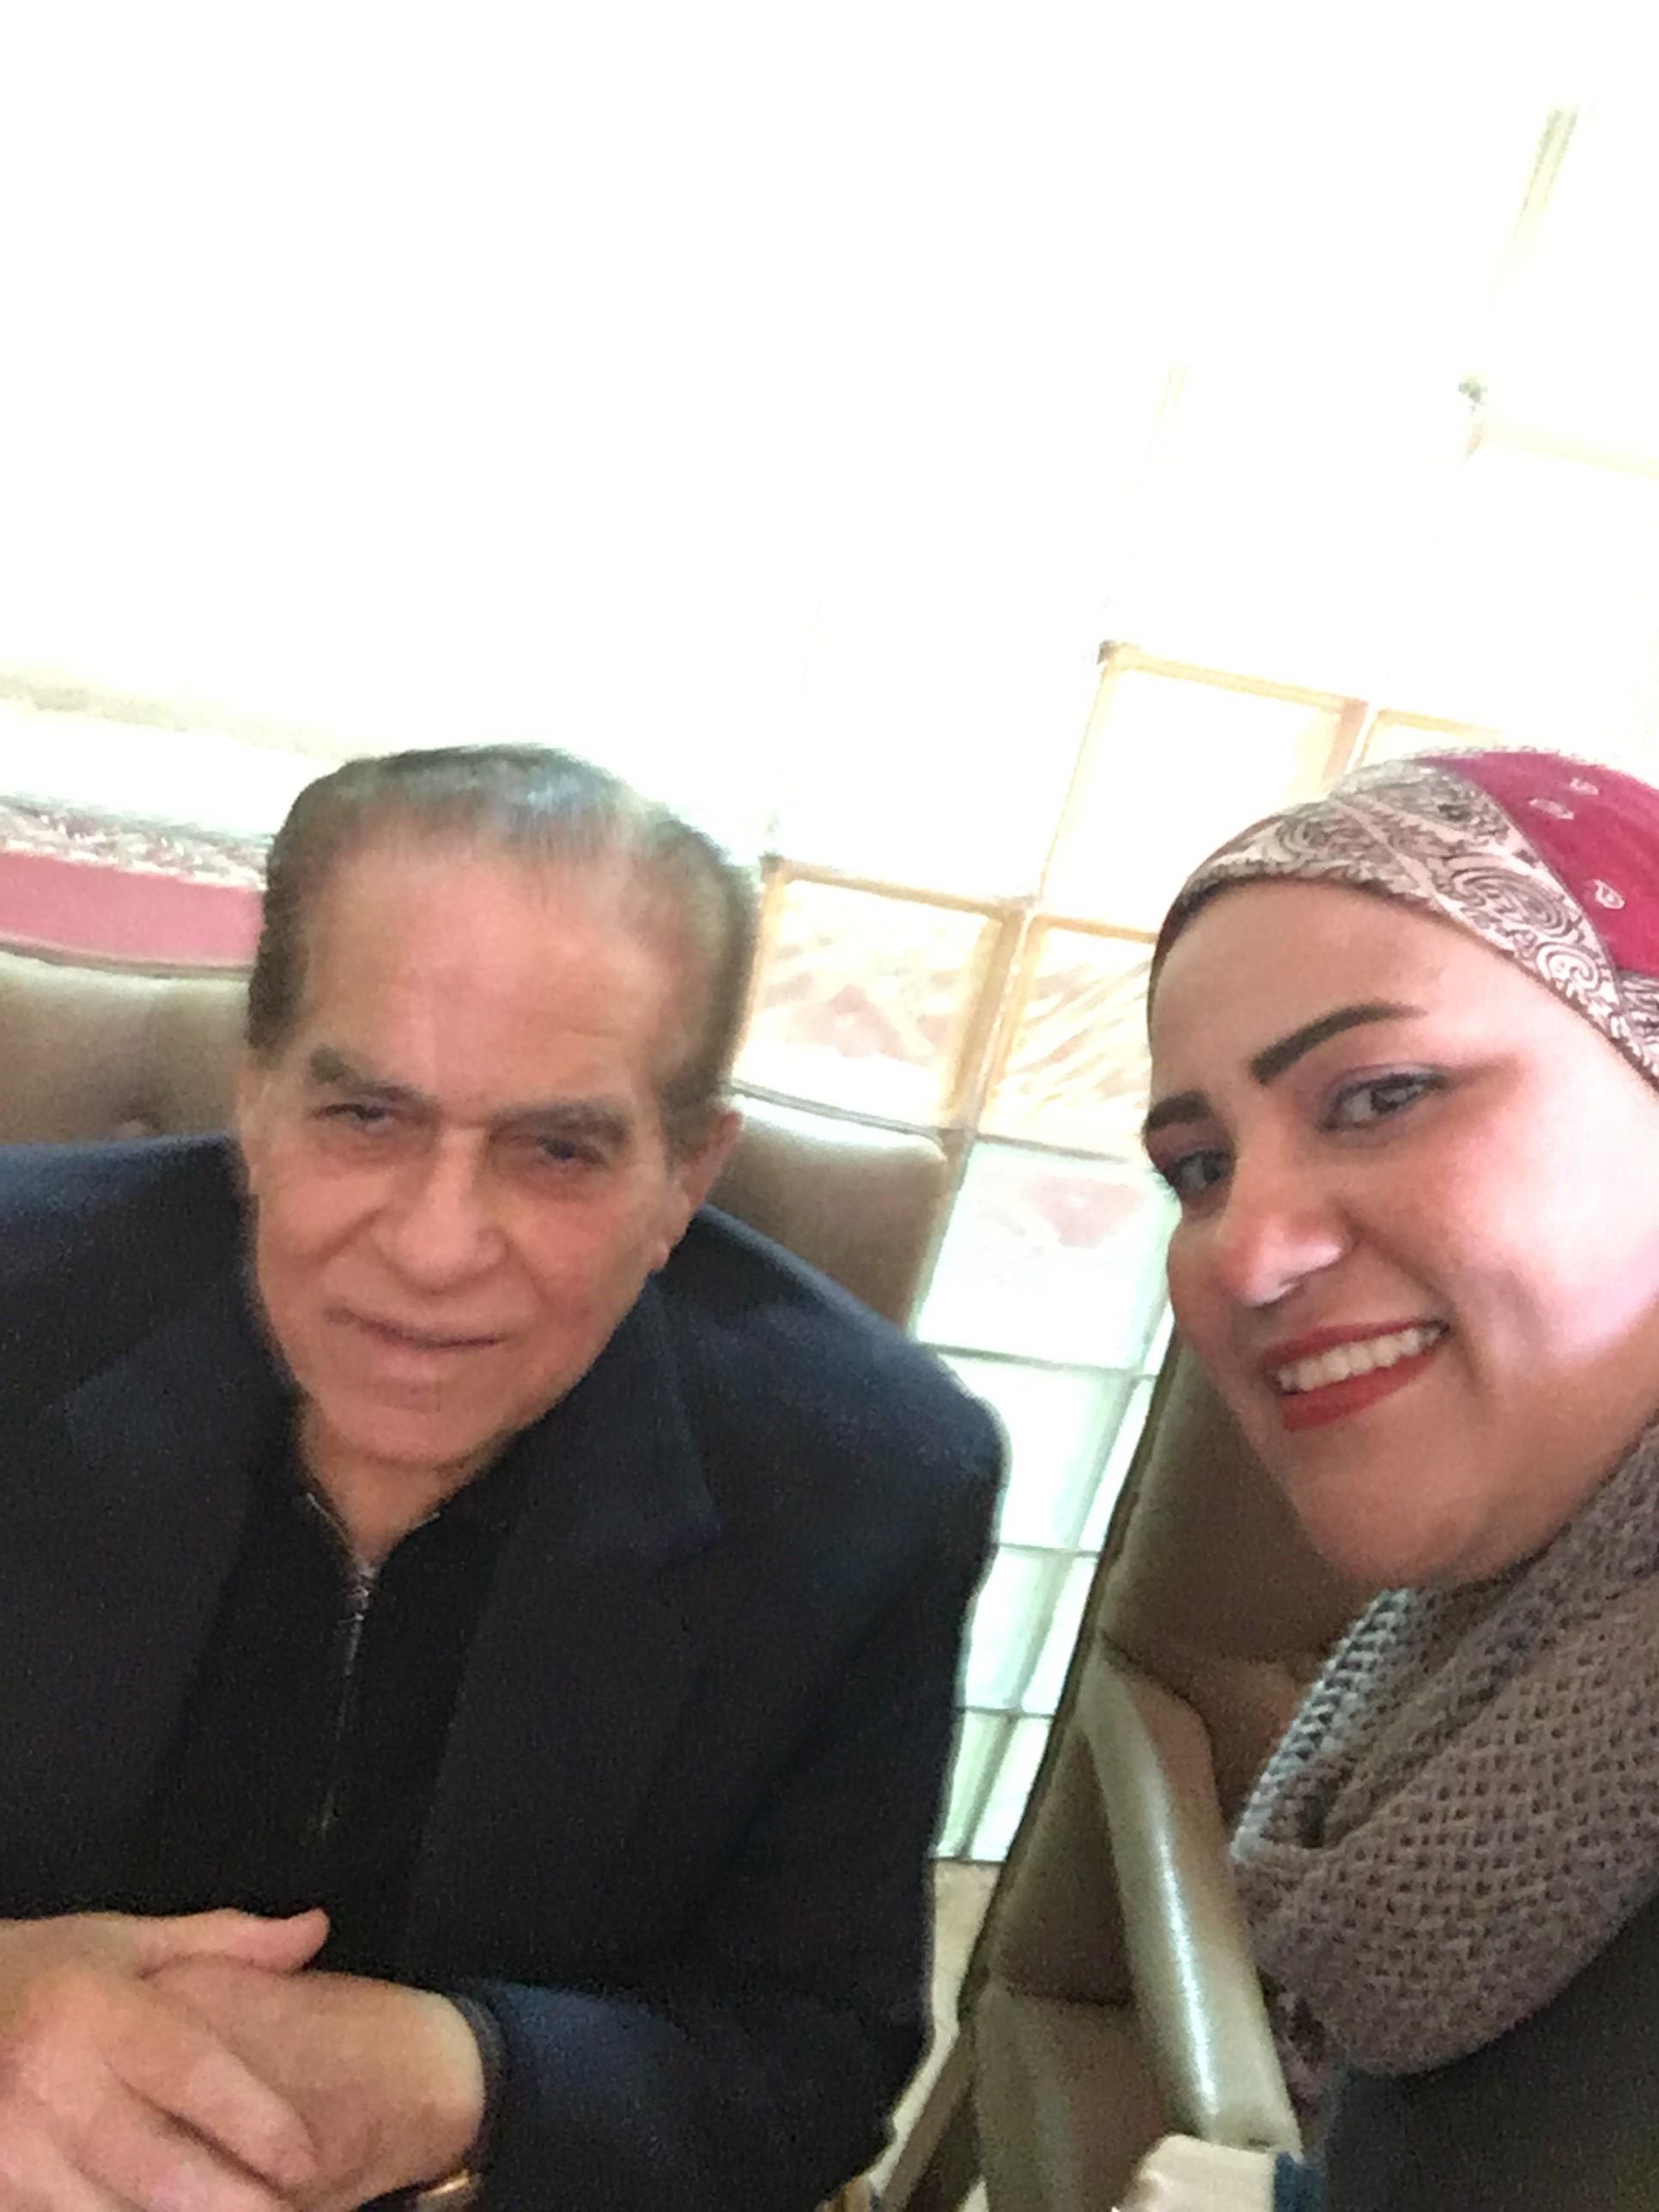 الدكتور كمال الجنزوري رئيس وزراء مصر الاسبق ومحررة اليوم السابع